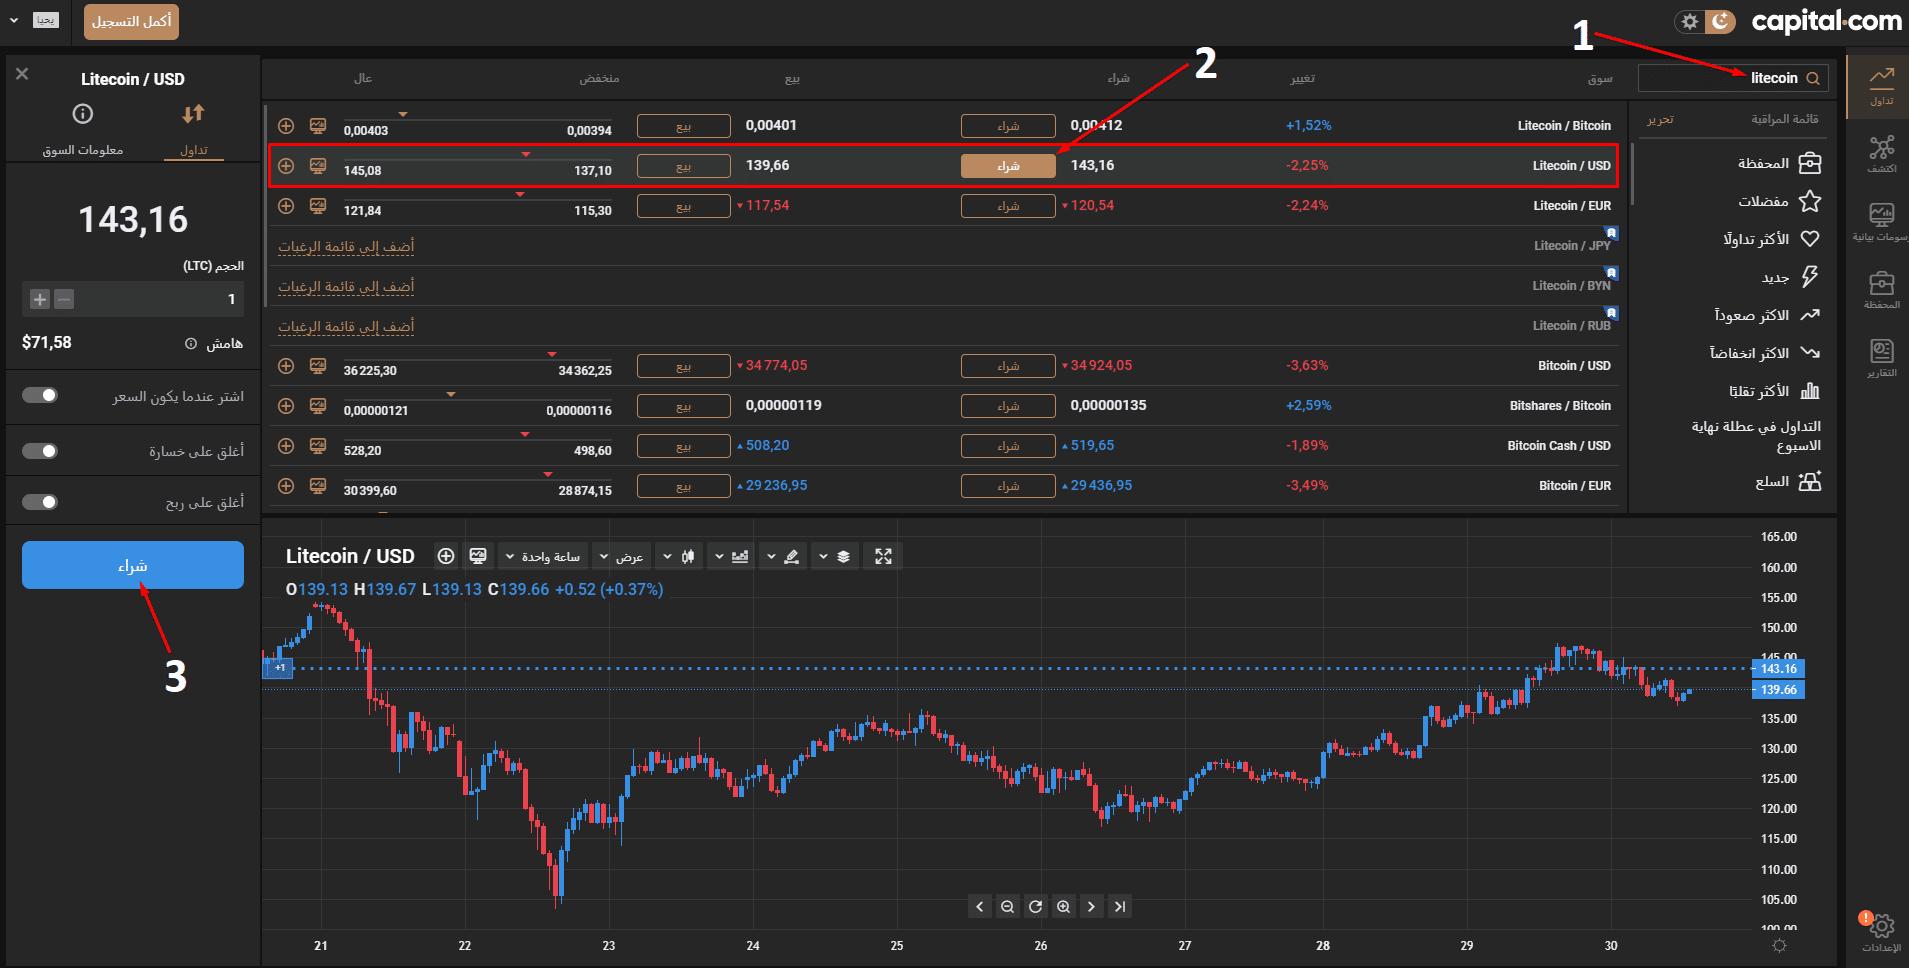 شراء لايتكوين Capital.com